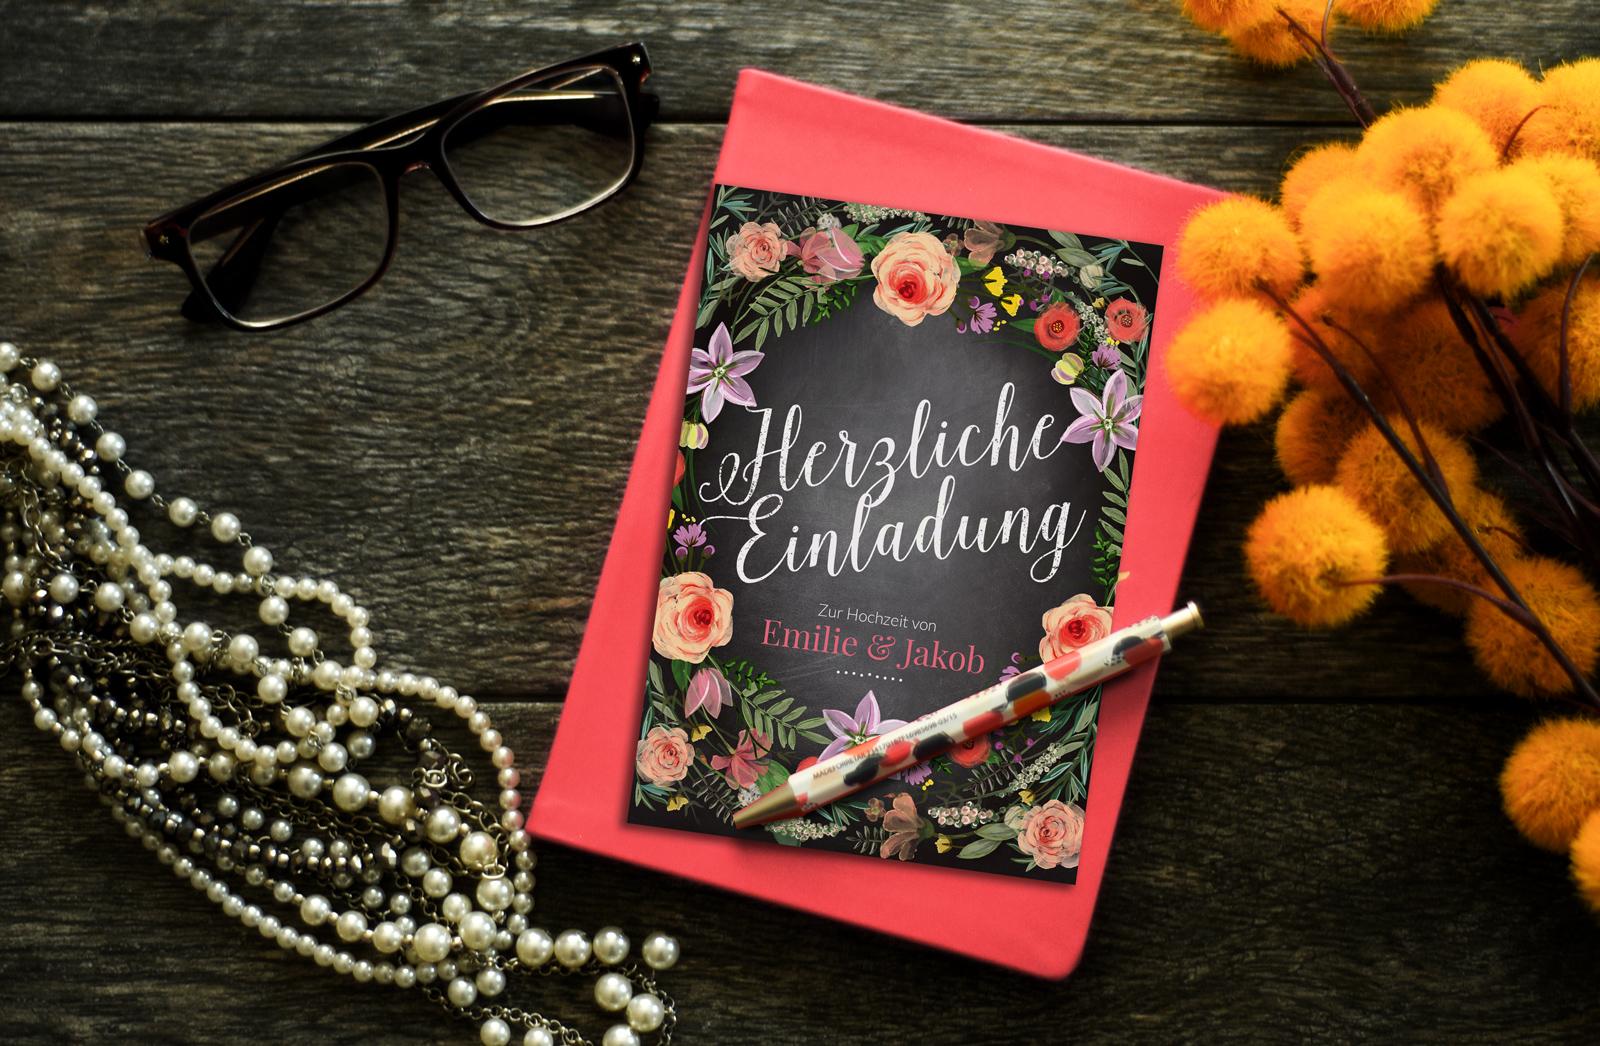 7-Flora-Einladung-Hochzeitskartendesign-EInladung-Hochzeit-Blumen-Kranz-Tafel-Kreide-Einladung